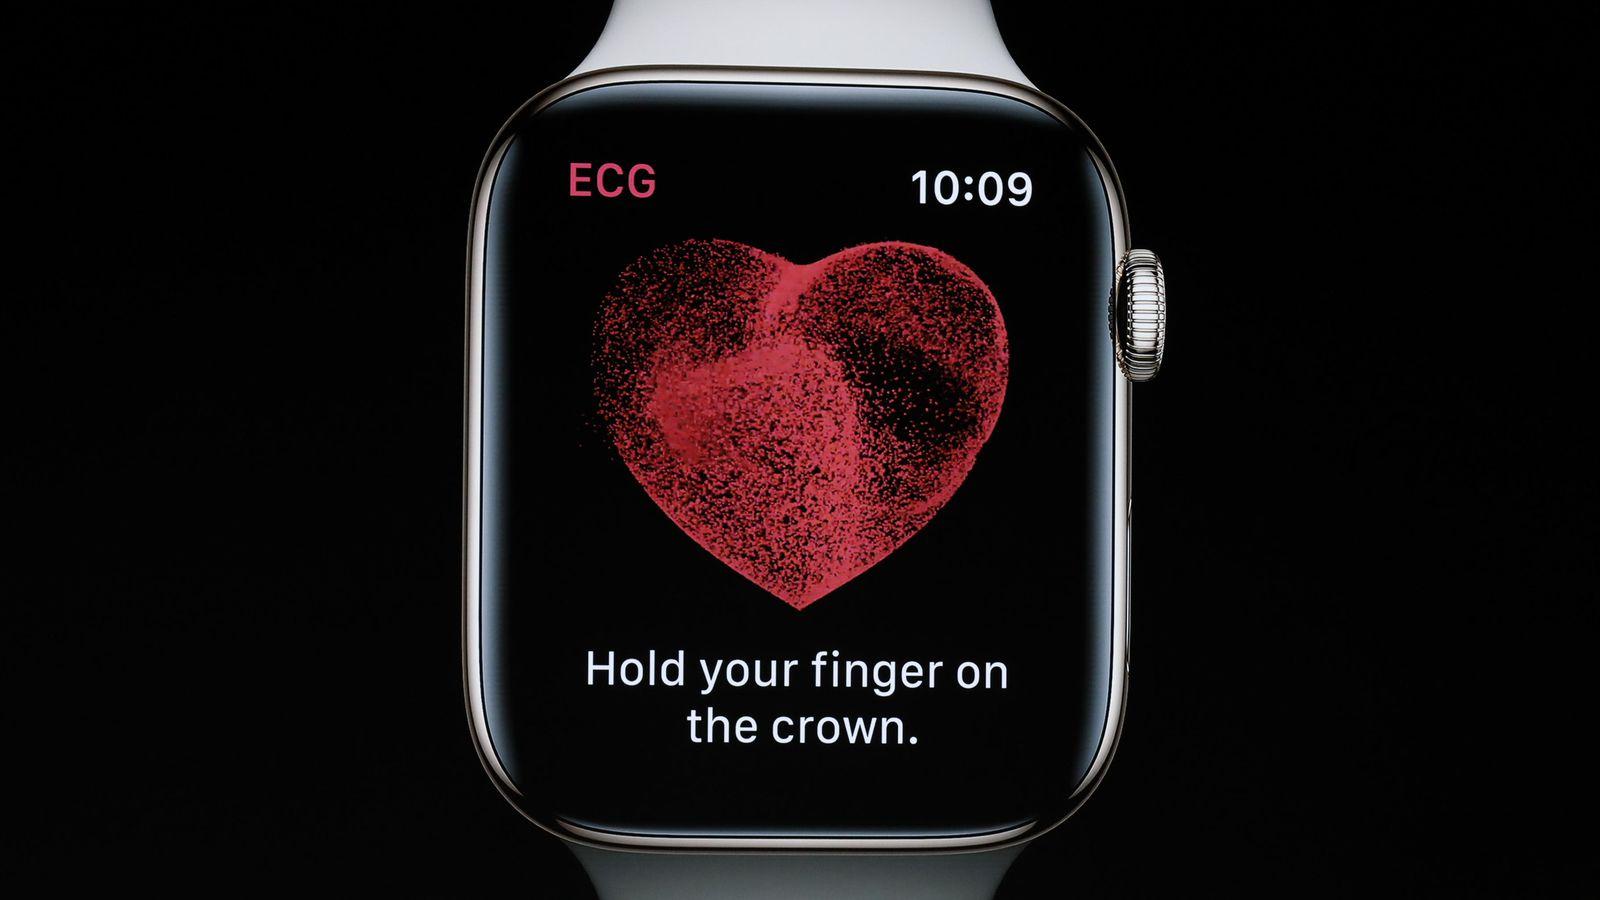 Jaký přináší zádrhel novinka u Apple Watch Series 4 pro ČR